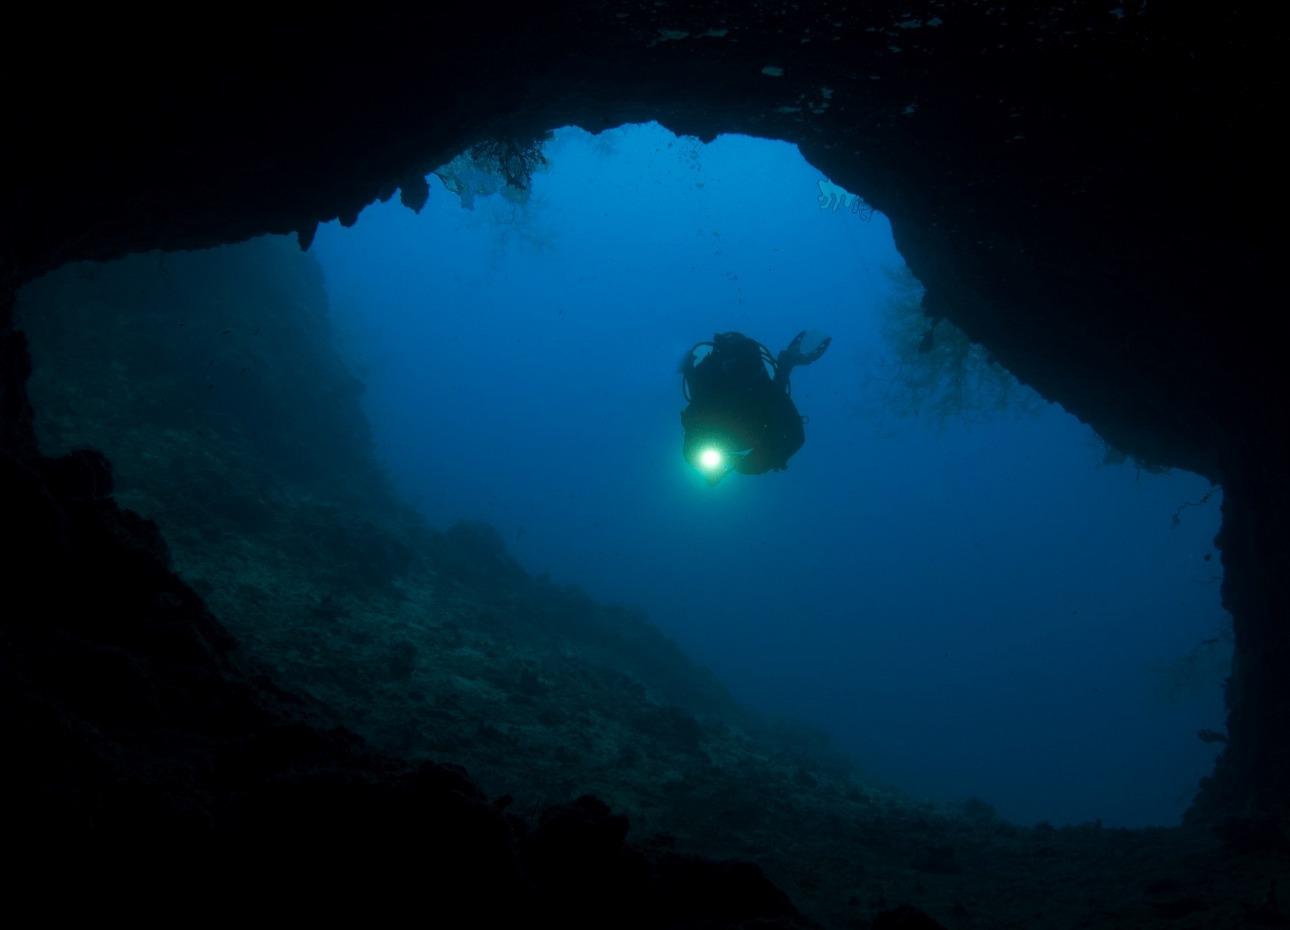 Philippines, Bohol, Magic Oceans Diver, image